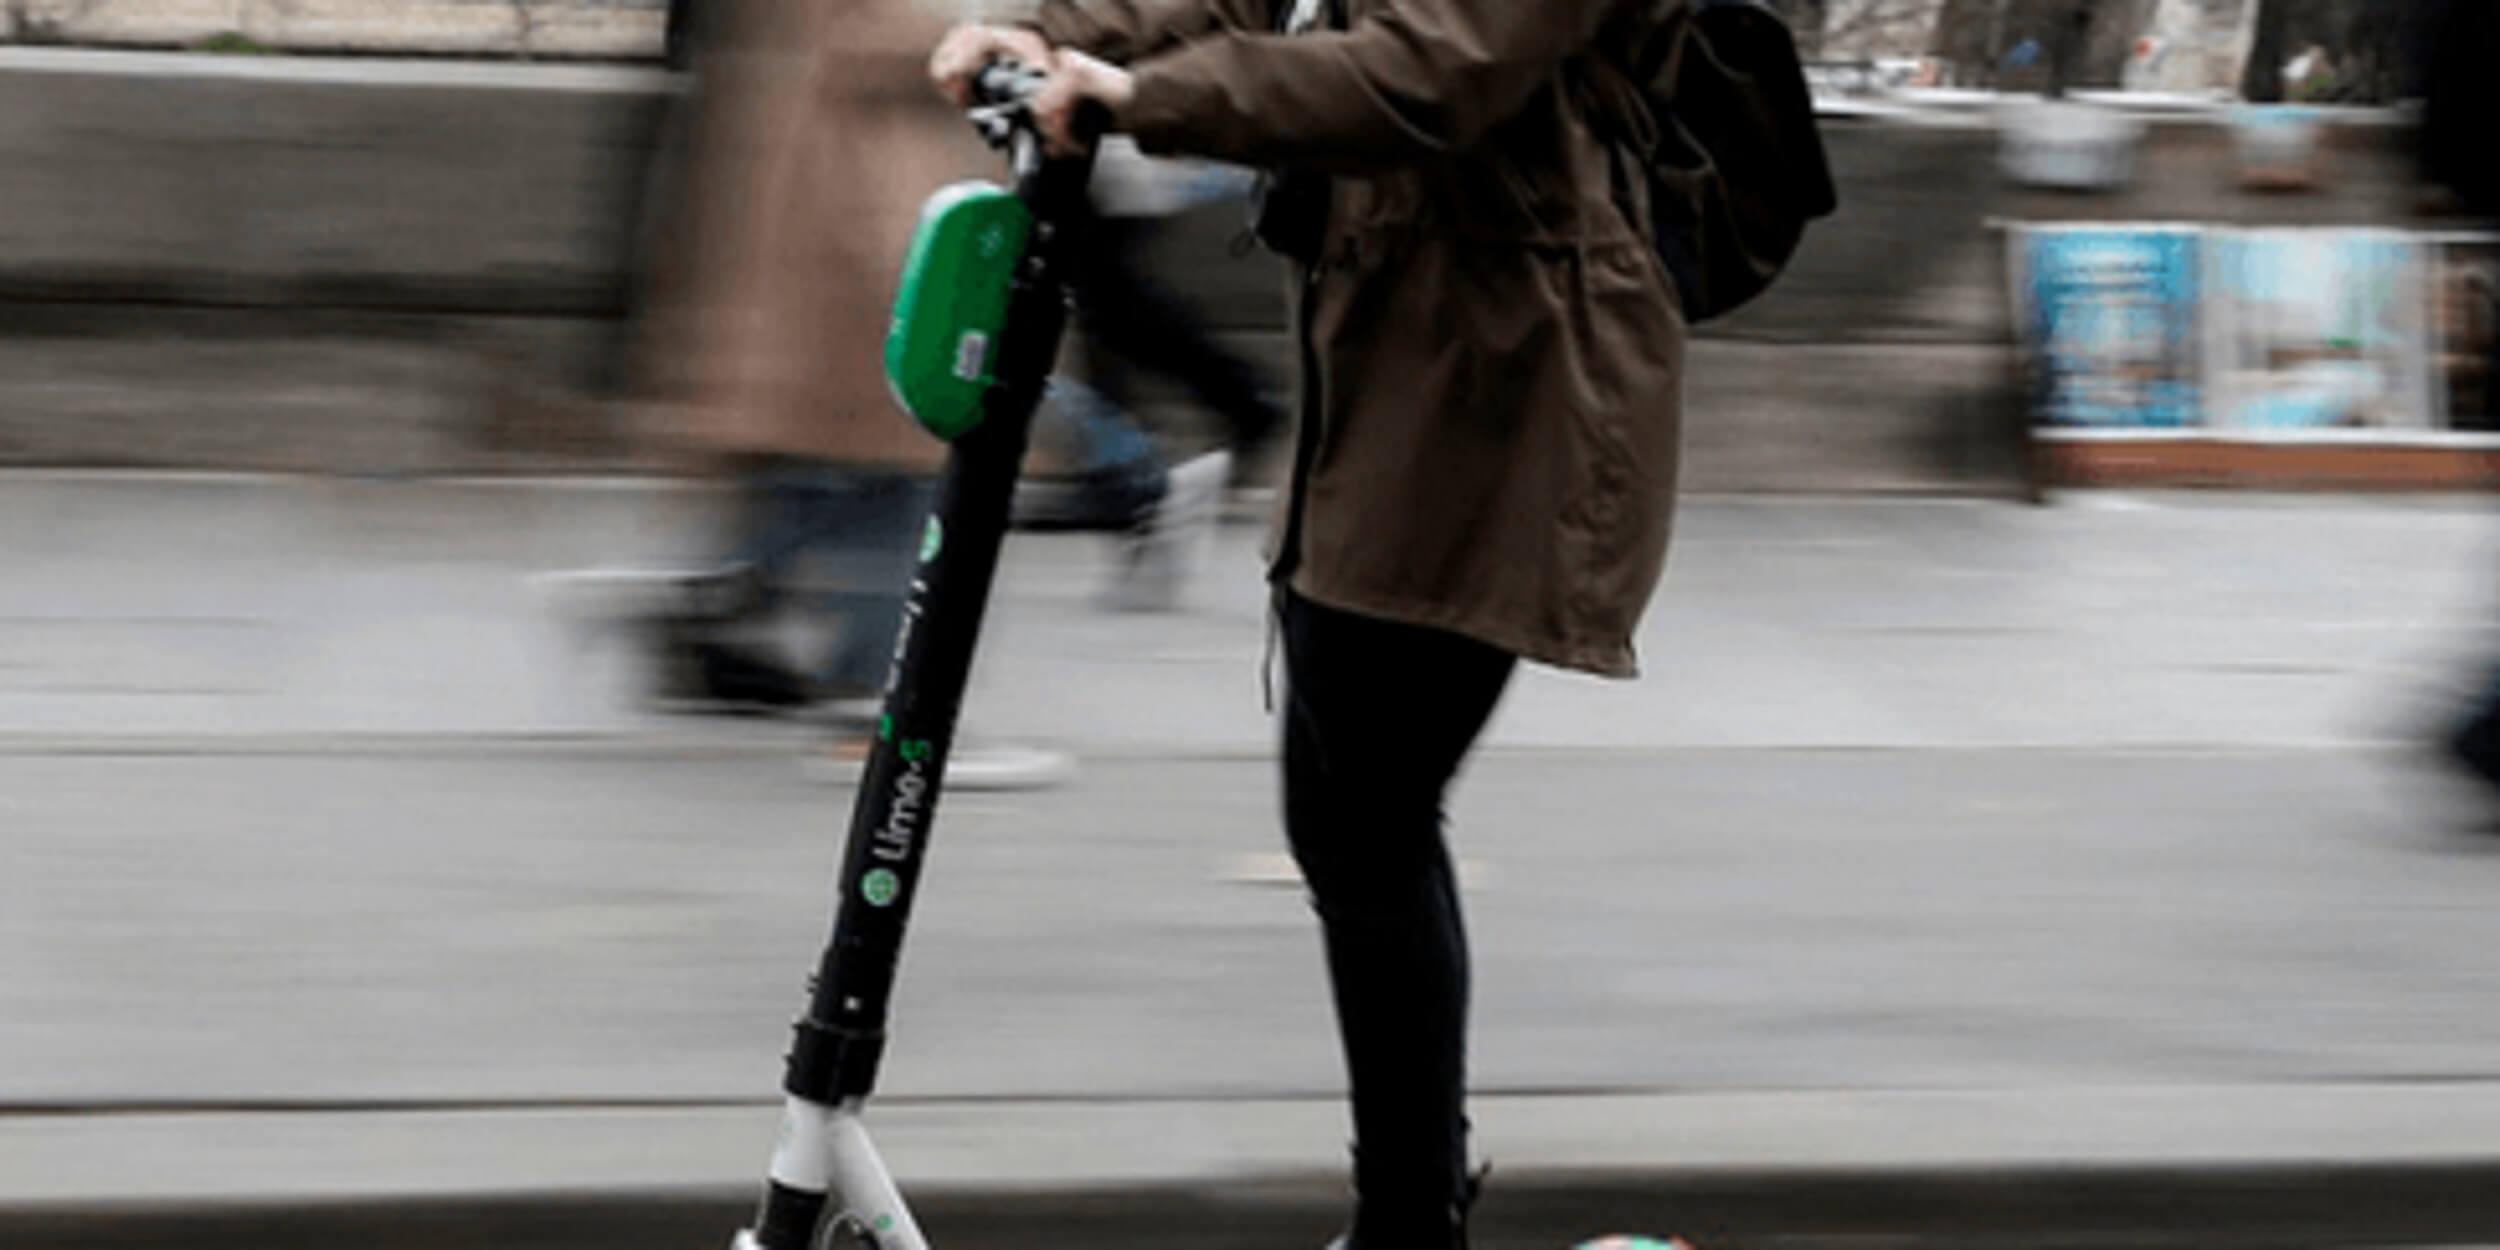 Ηλεκτρονικά πατίνια: Βάζει κανόνες το υπ. Μεταφορών – Τι προβλέπεται